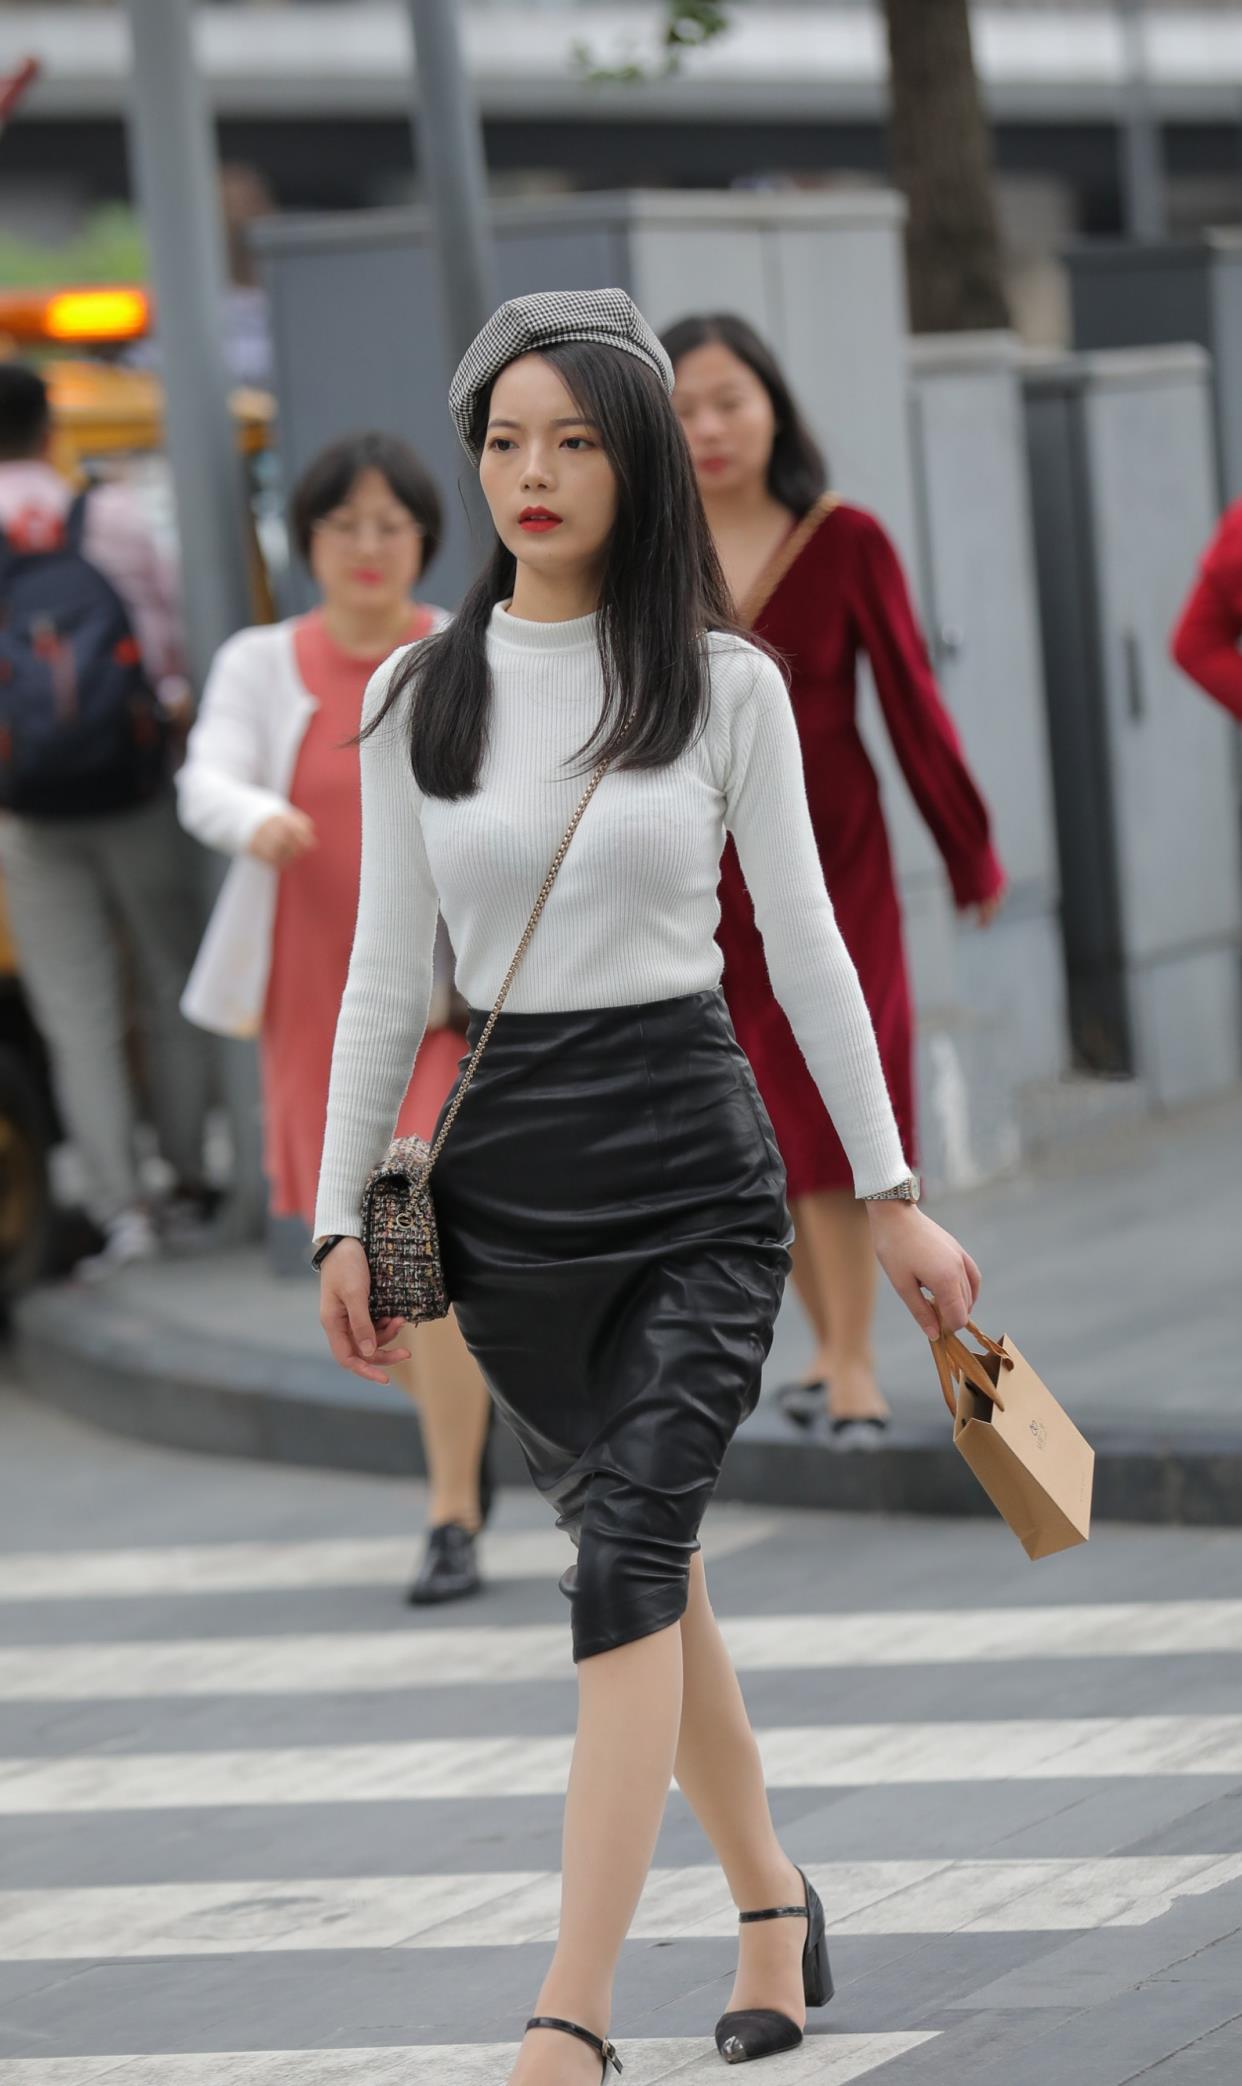 黑白配怎么搭配更时髦?加一顶格纹贝雷帽,时髦洋气还有复古风